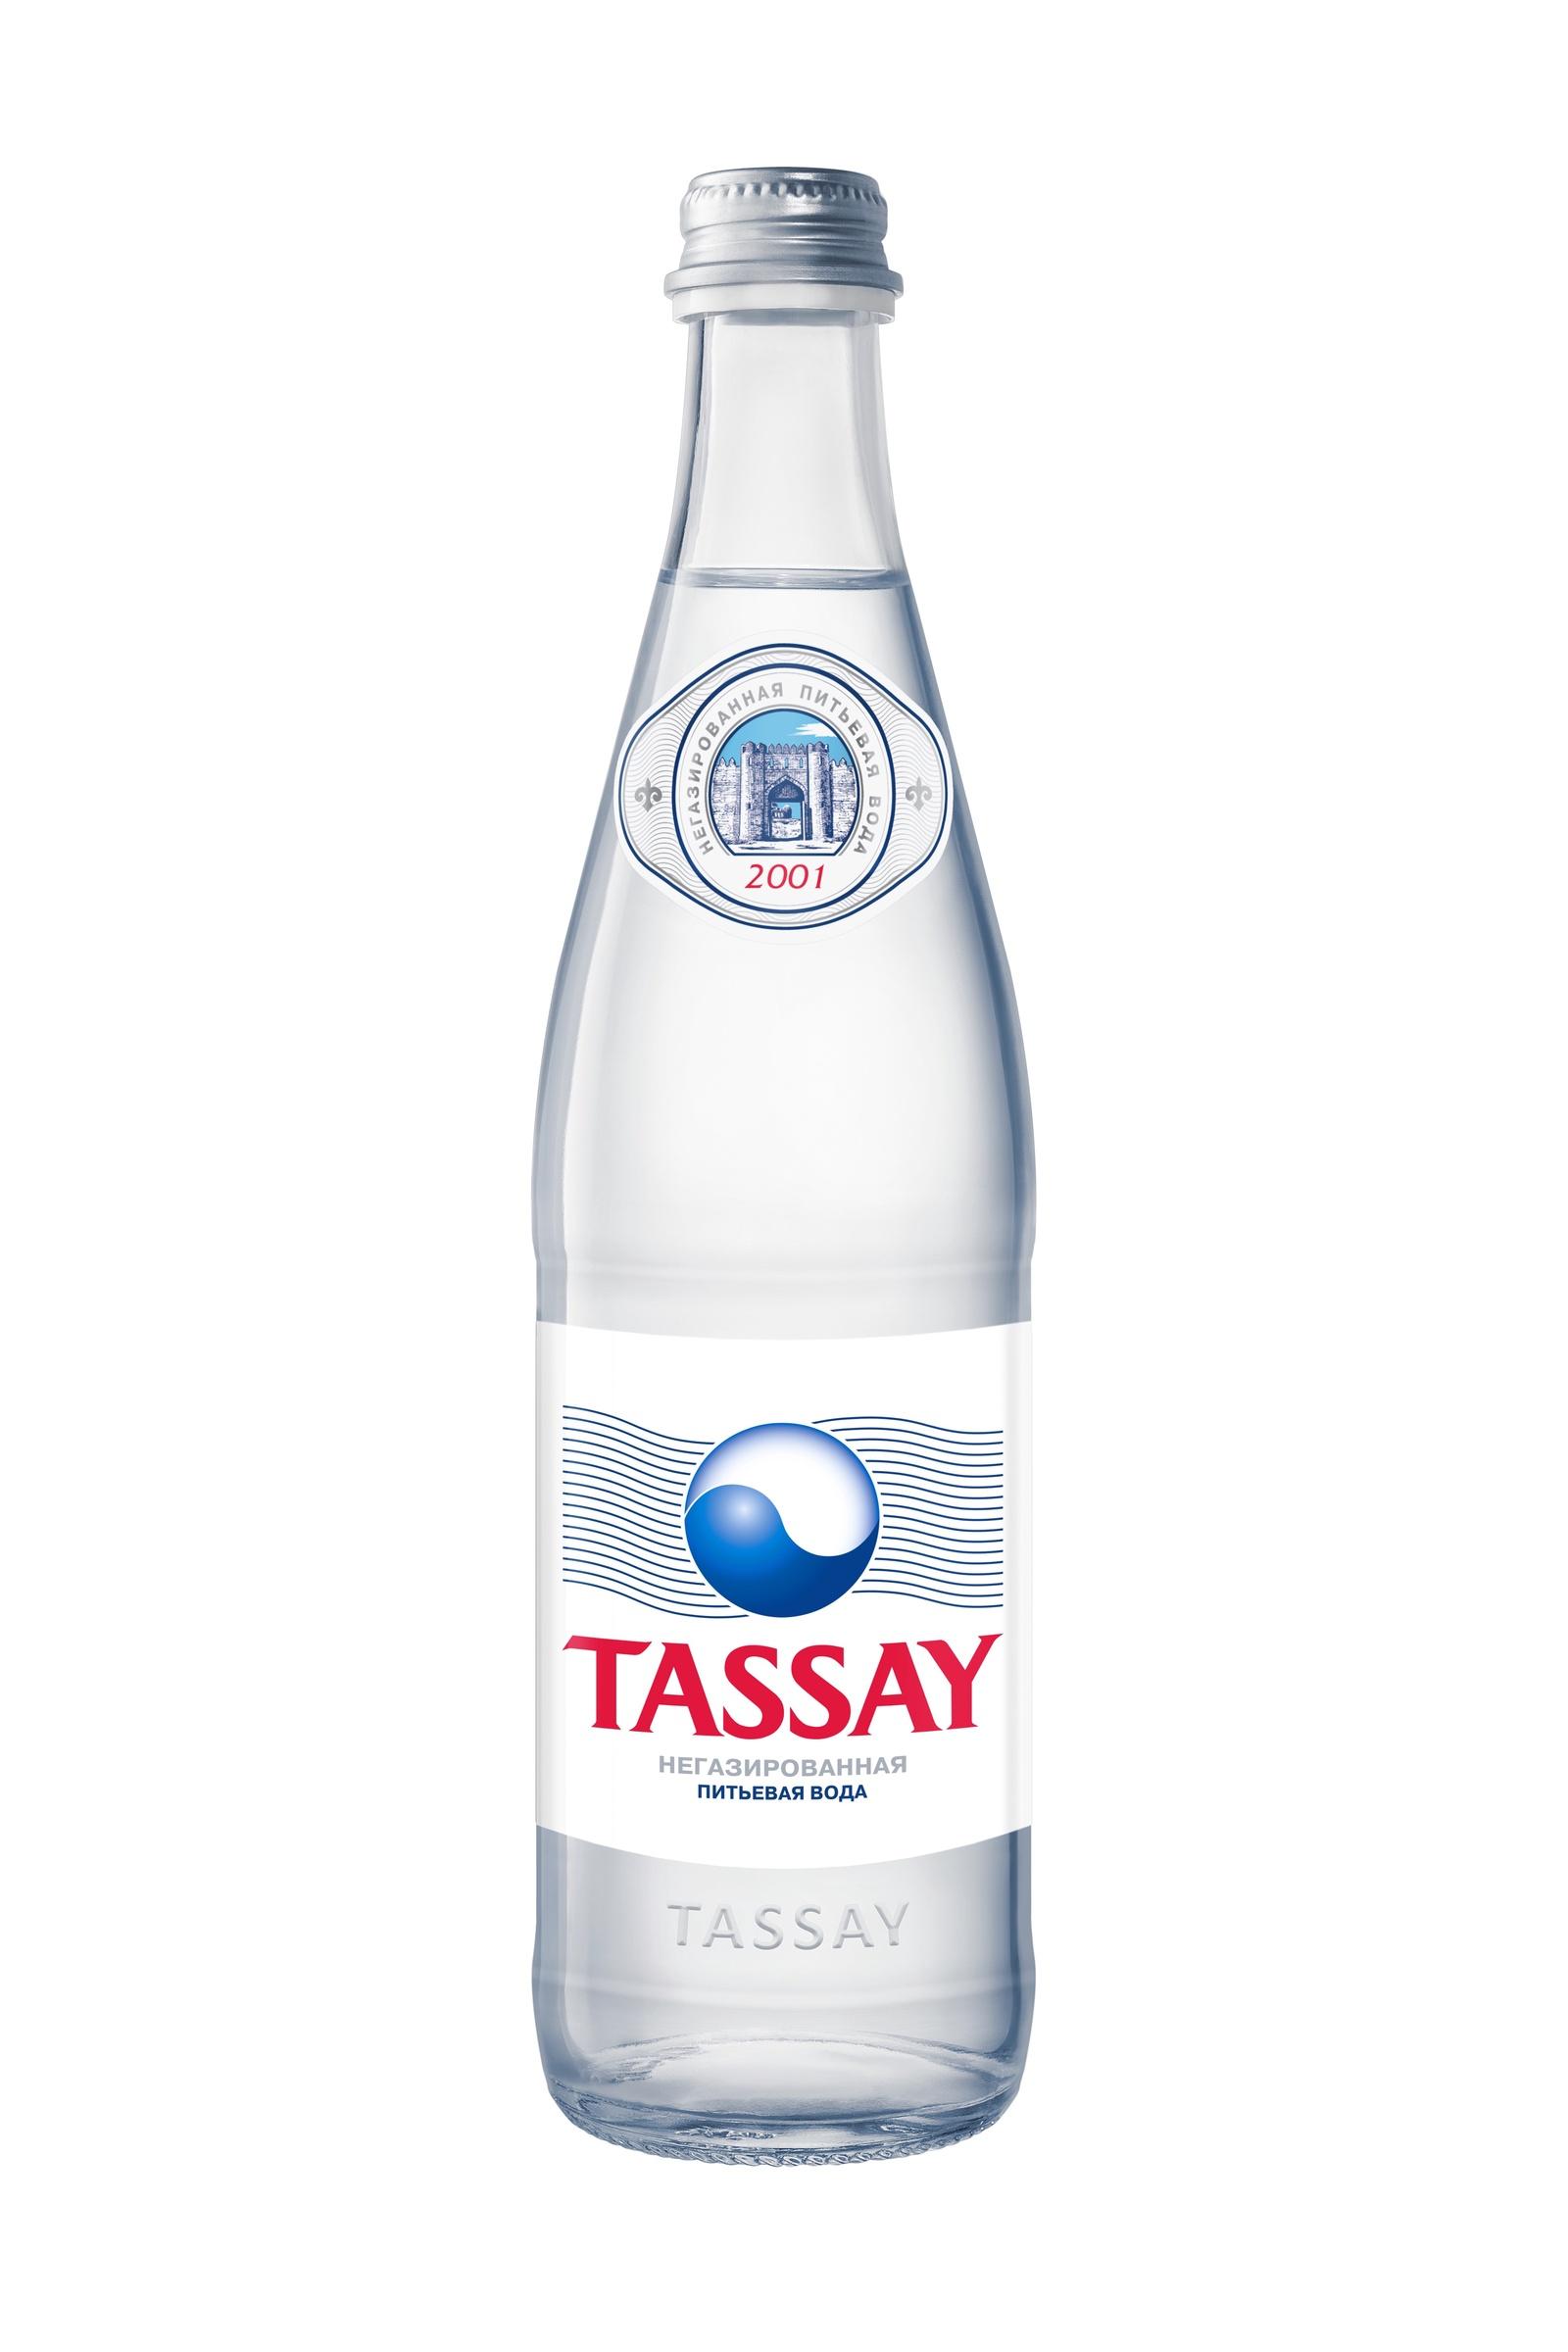 Вода TASSAY природная питьевая, 0.5л, стекло, негазированная